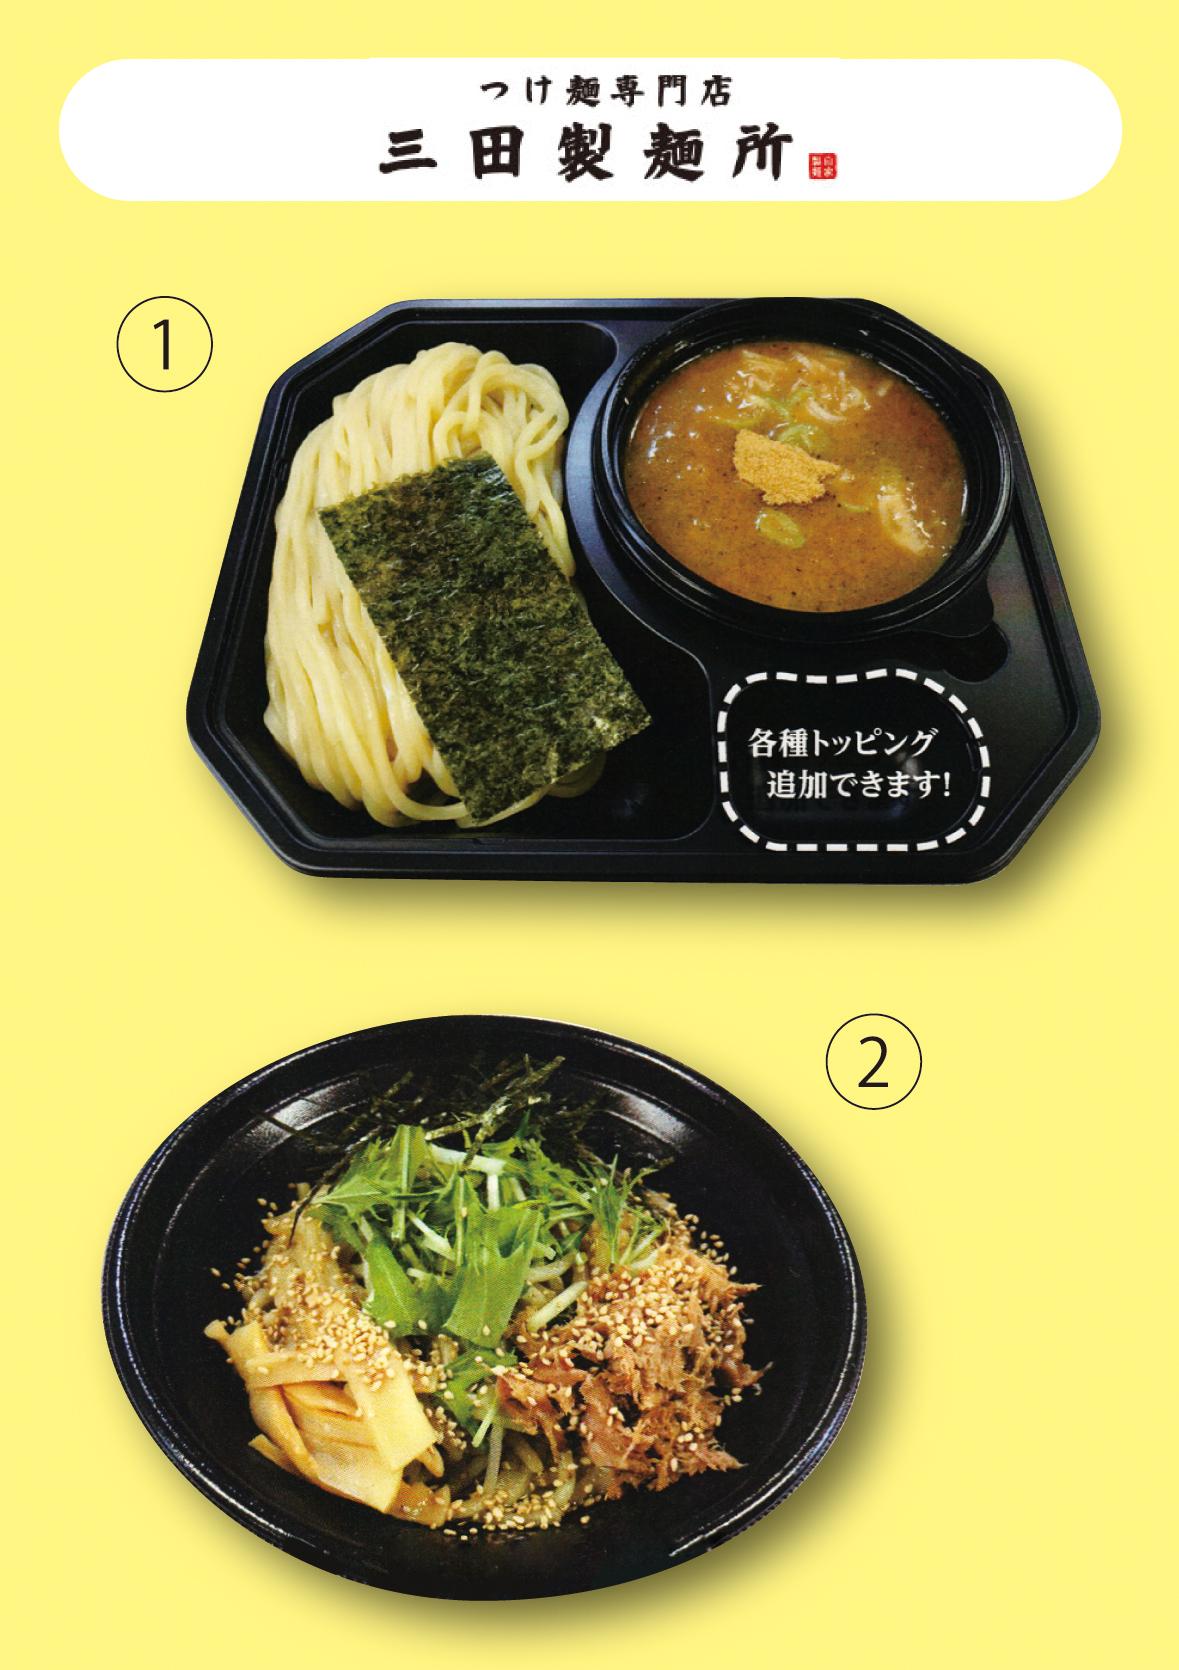 ①つけ麺の画像